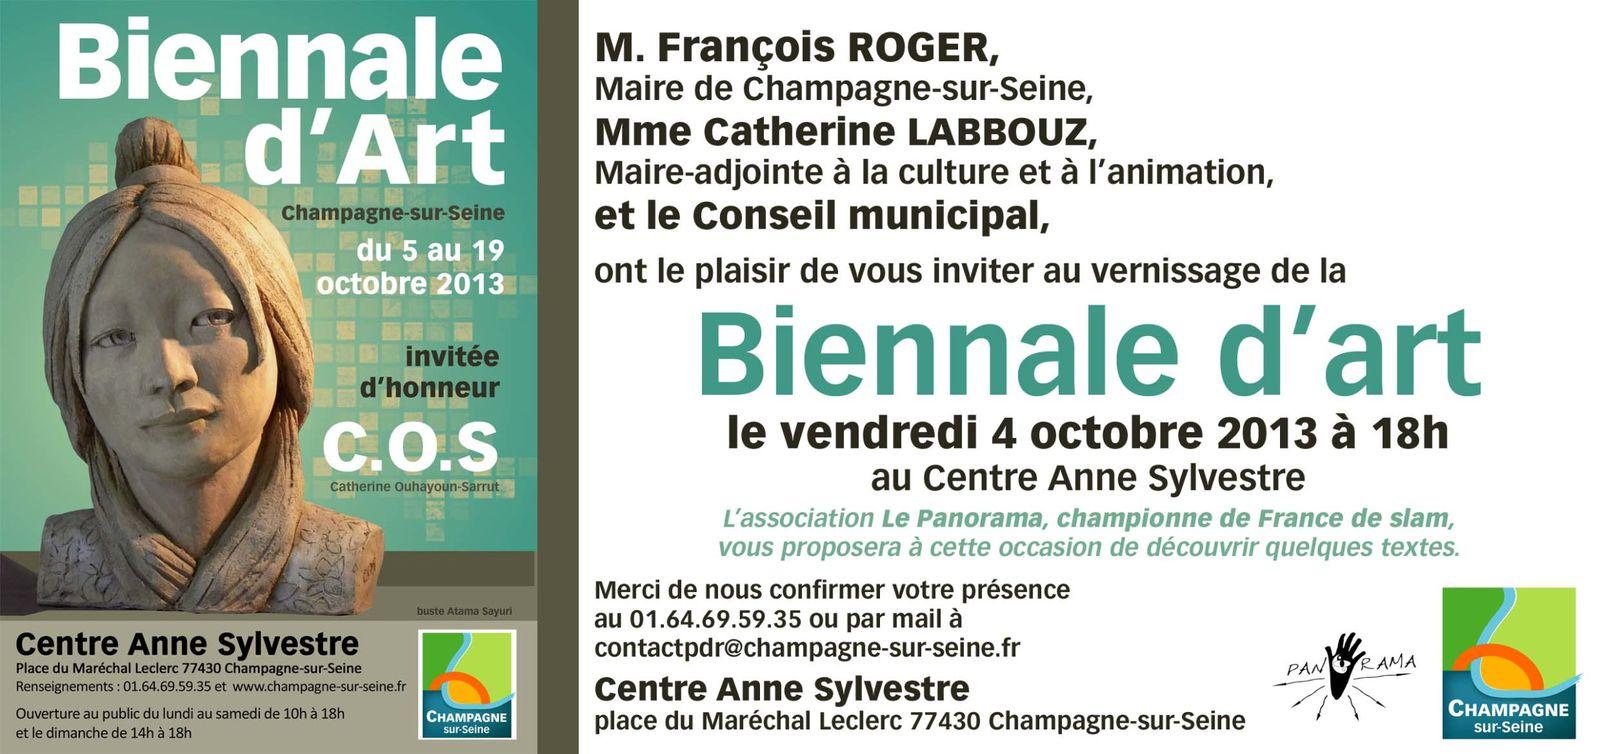 Biennale d'art de Champagne-sur-Seine